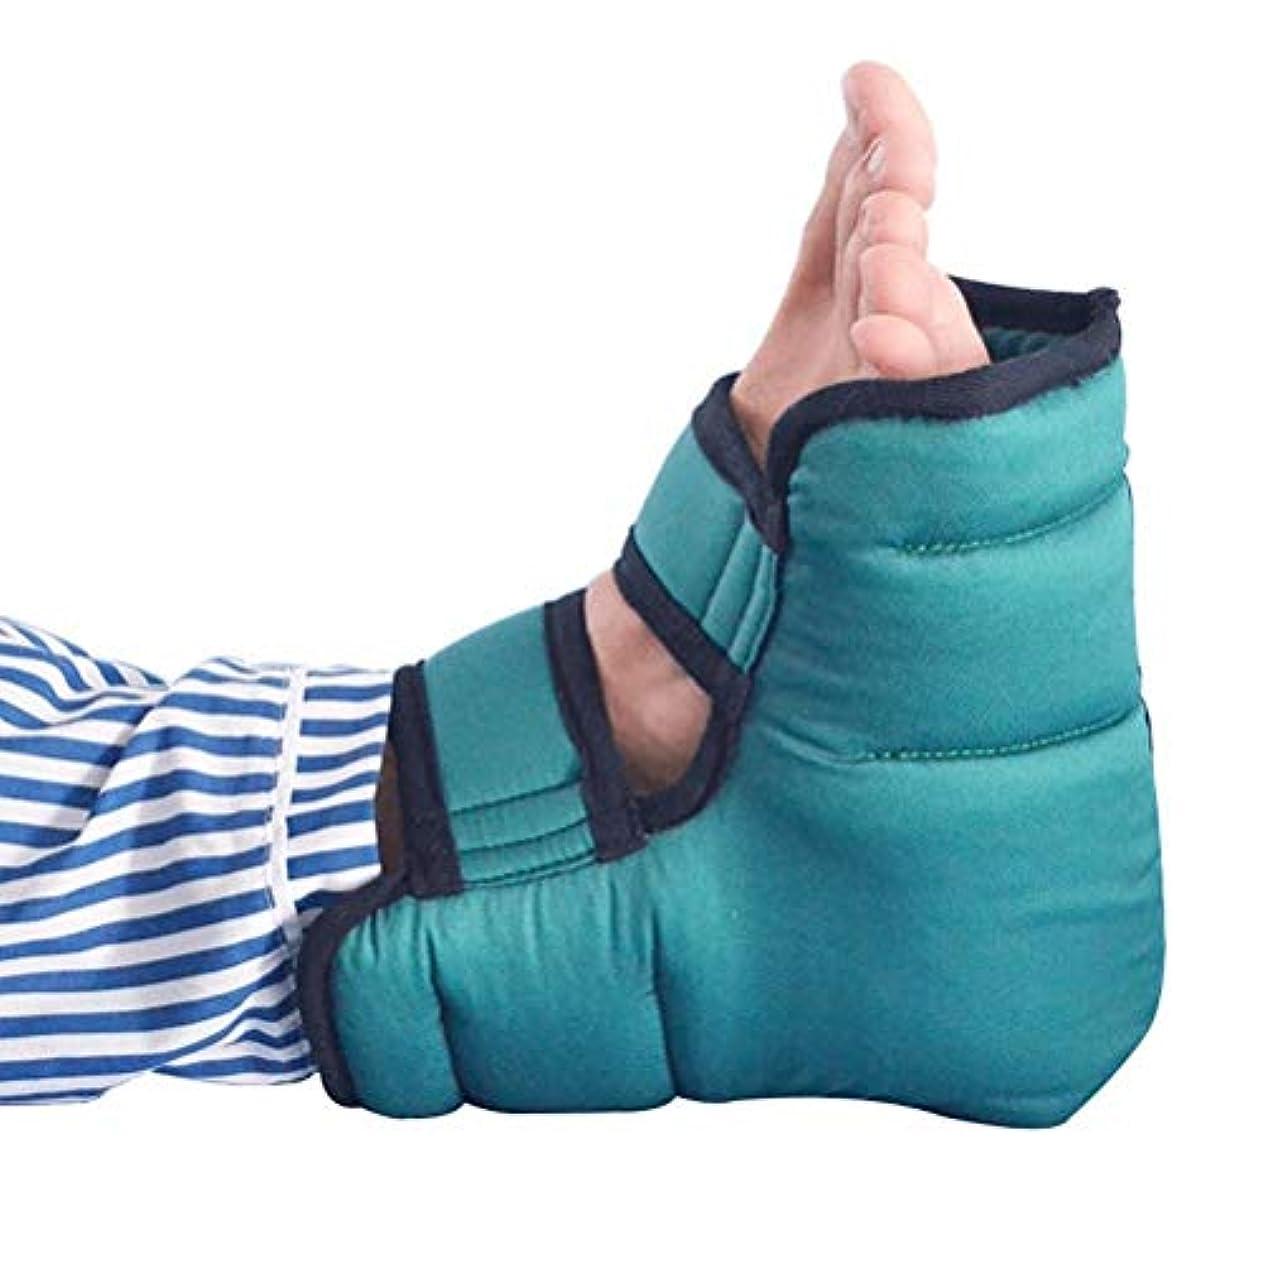 しなやかな春長さBed瘡防止綿通気性ヒールクッション、圧力緩和ヒールプロテクター、通気性ヒールプロテクター枕、青、1ペア、24×23 cm